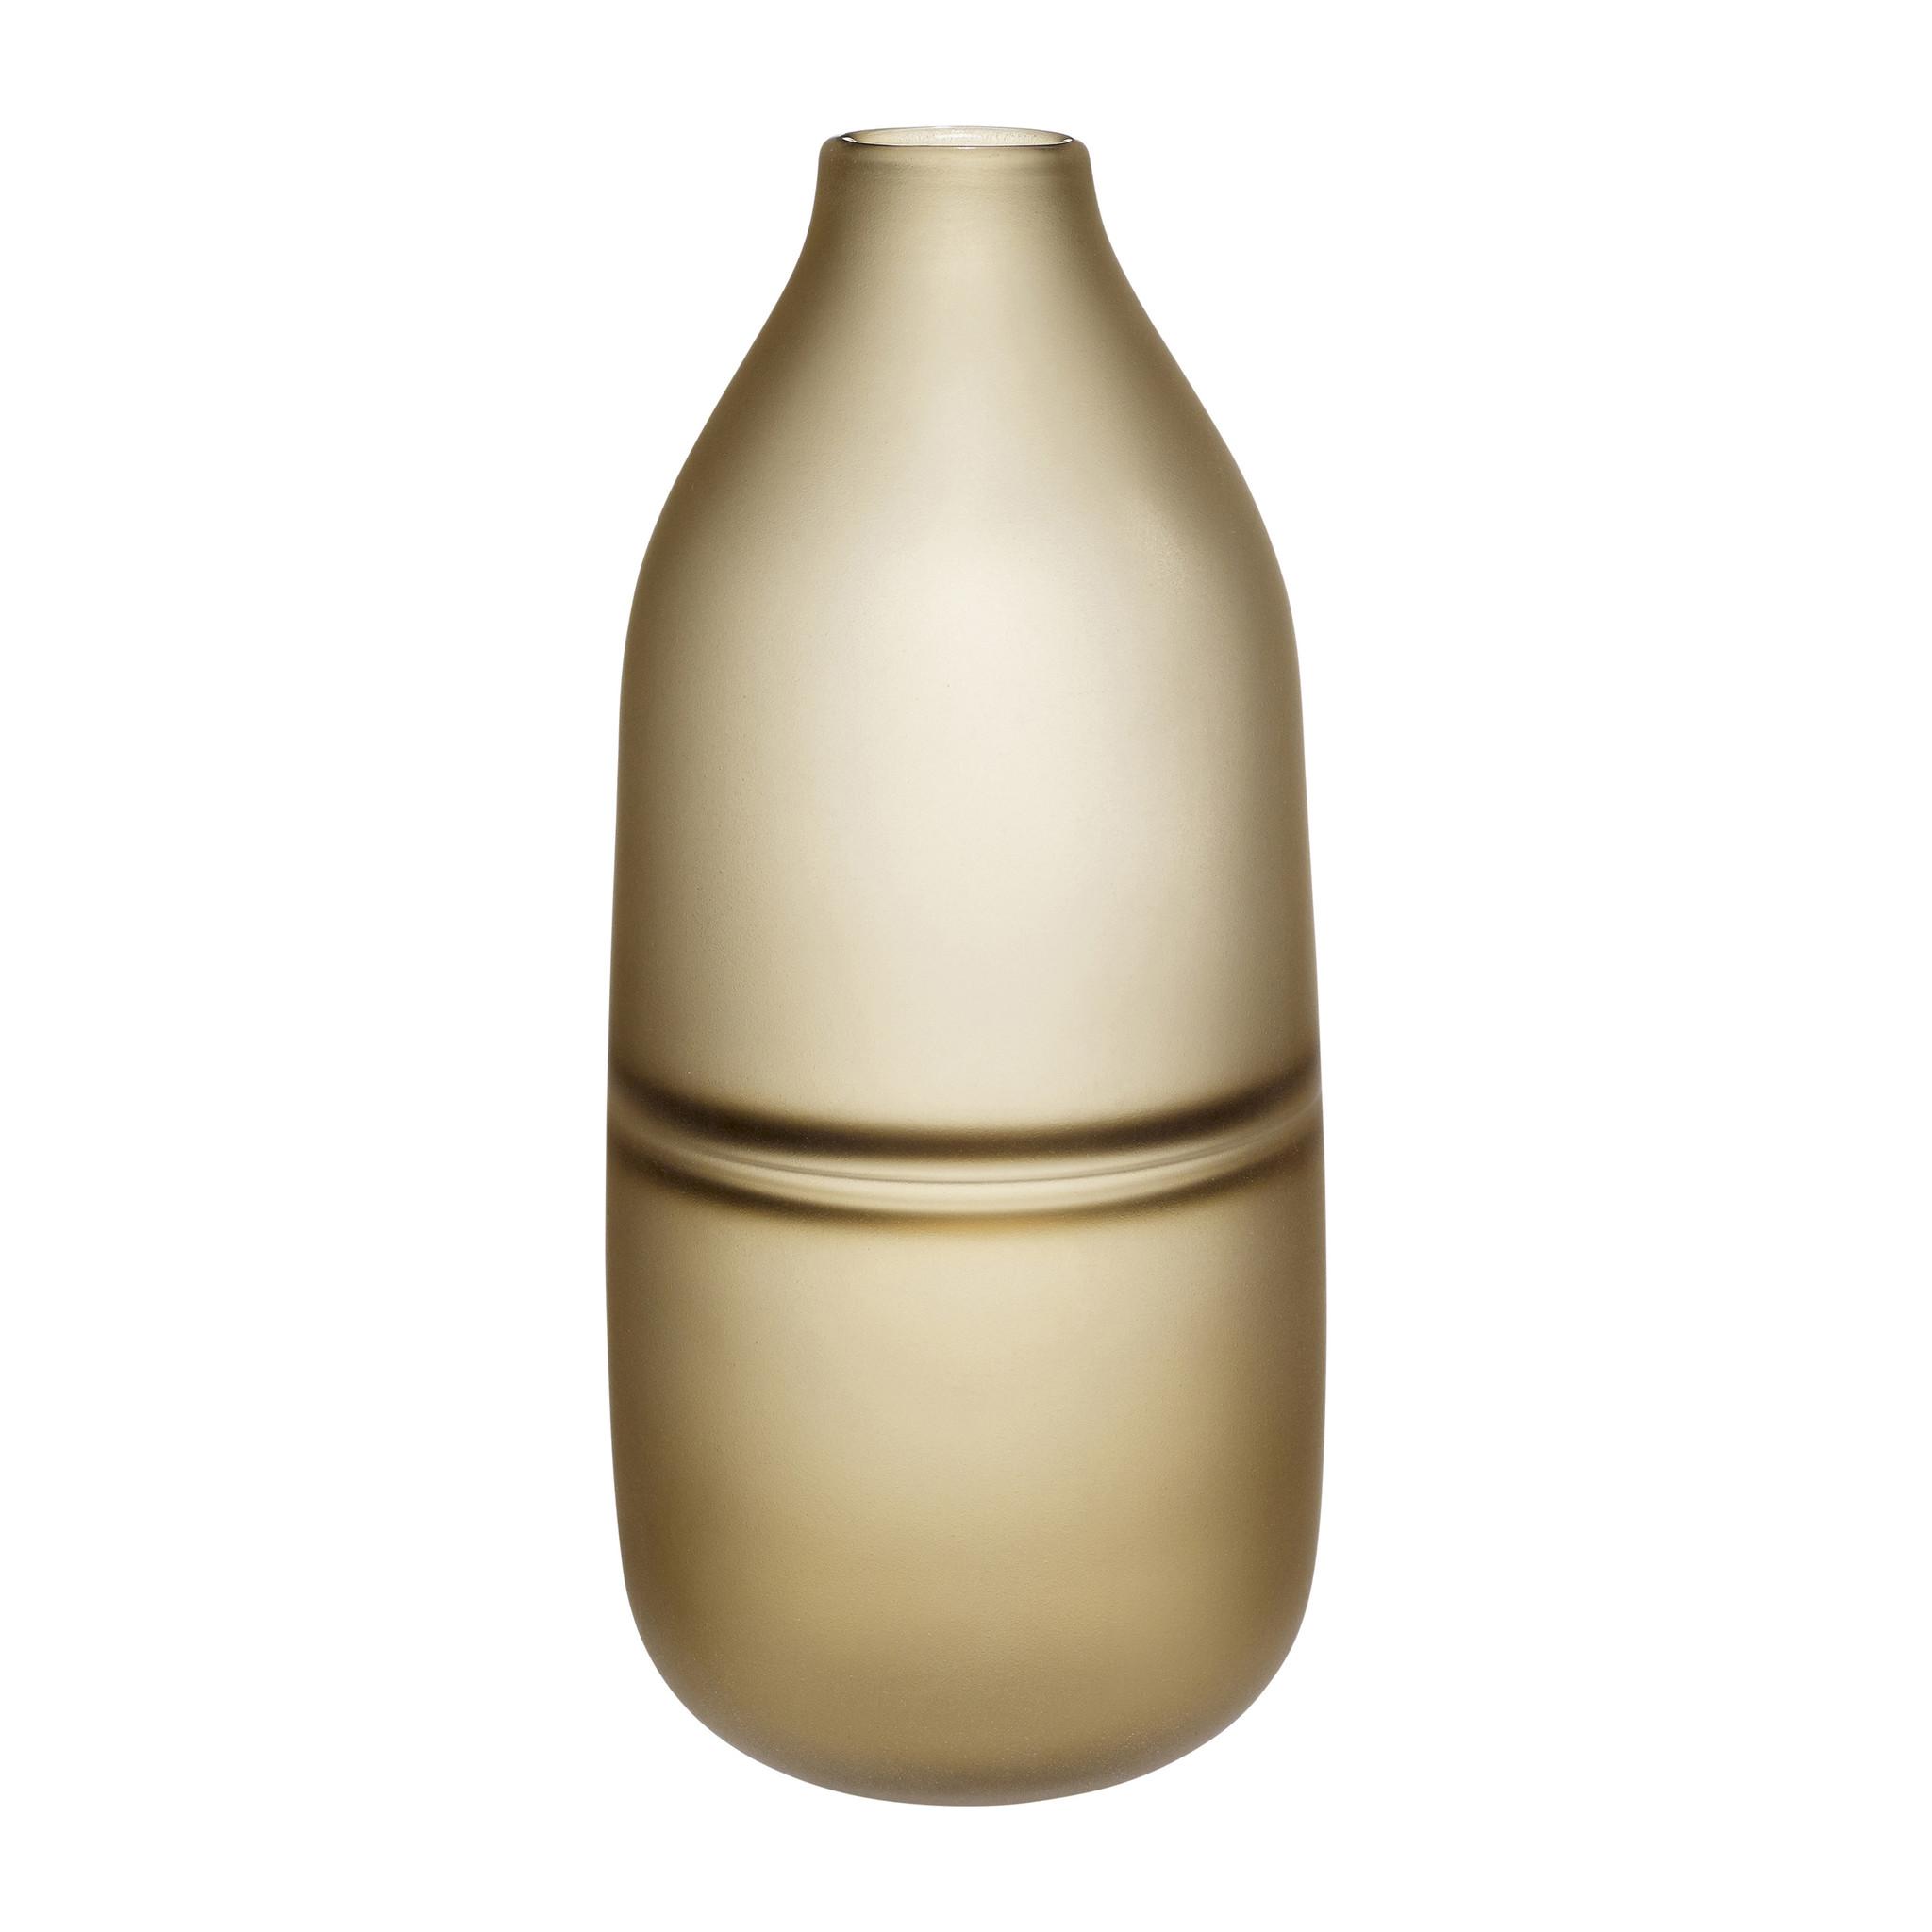 Hubsch Vaas, glas, mat bruin-660801-5712772056479